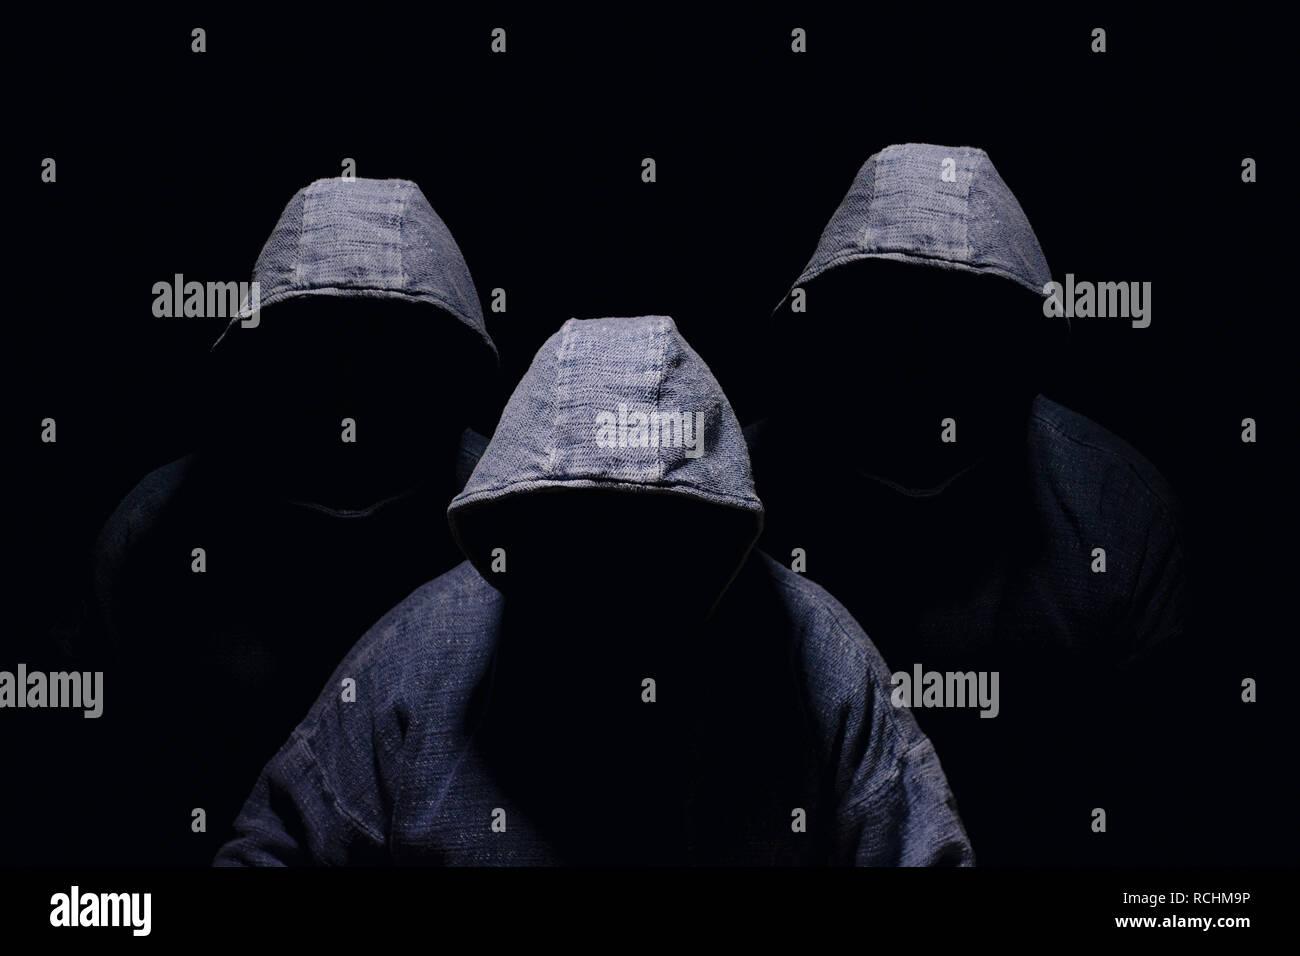 5e97873c2c1 trois-hommes-mysterieux-visage-assombri-avec-silhouette-aucun-face-visible-en- bleu-hoodies-sur-fond-sombre-rchm9p.jpg